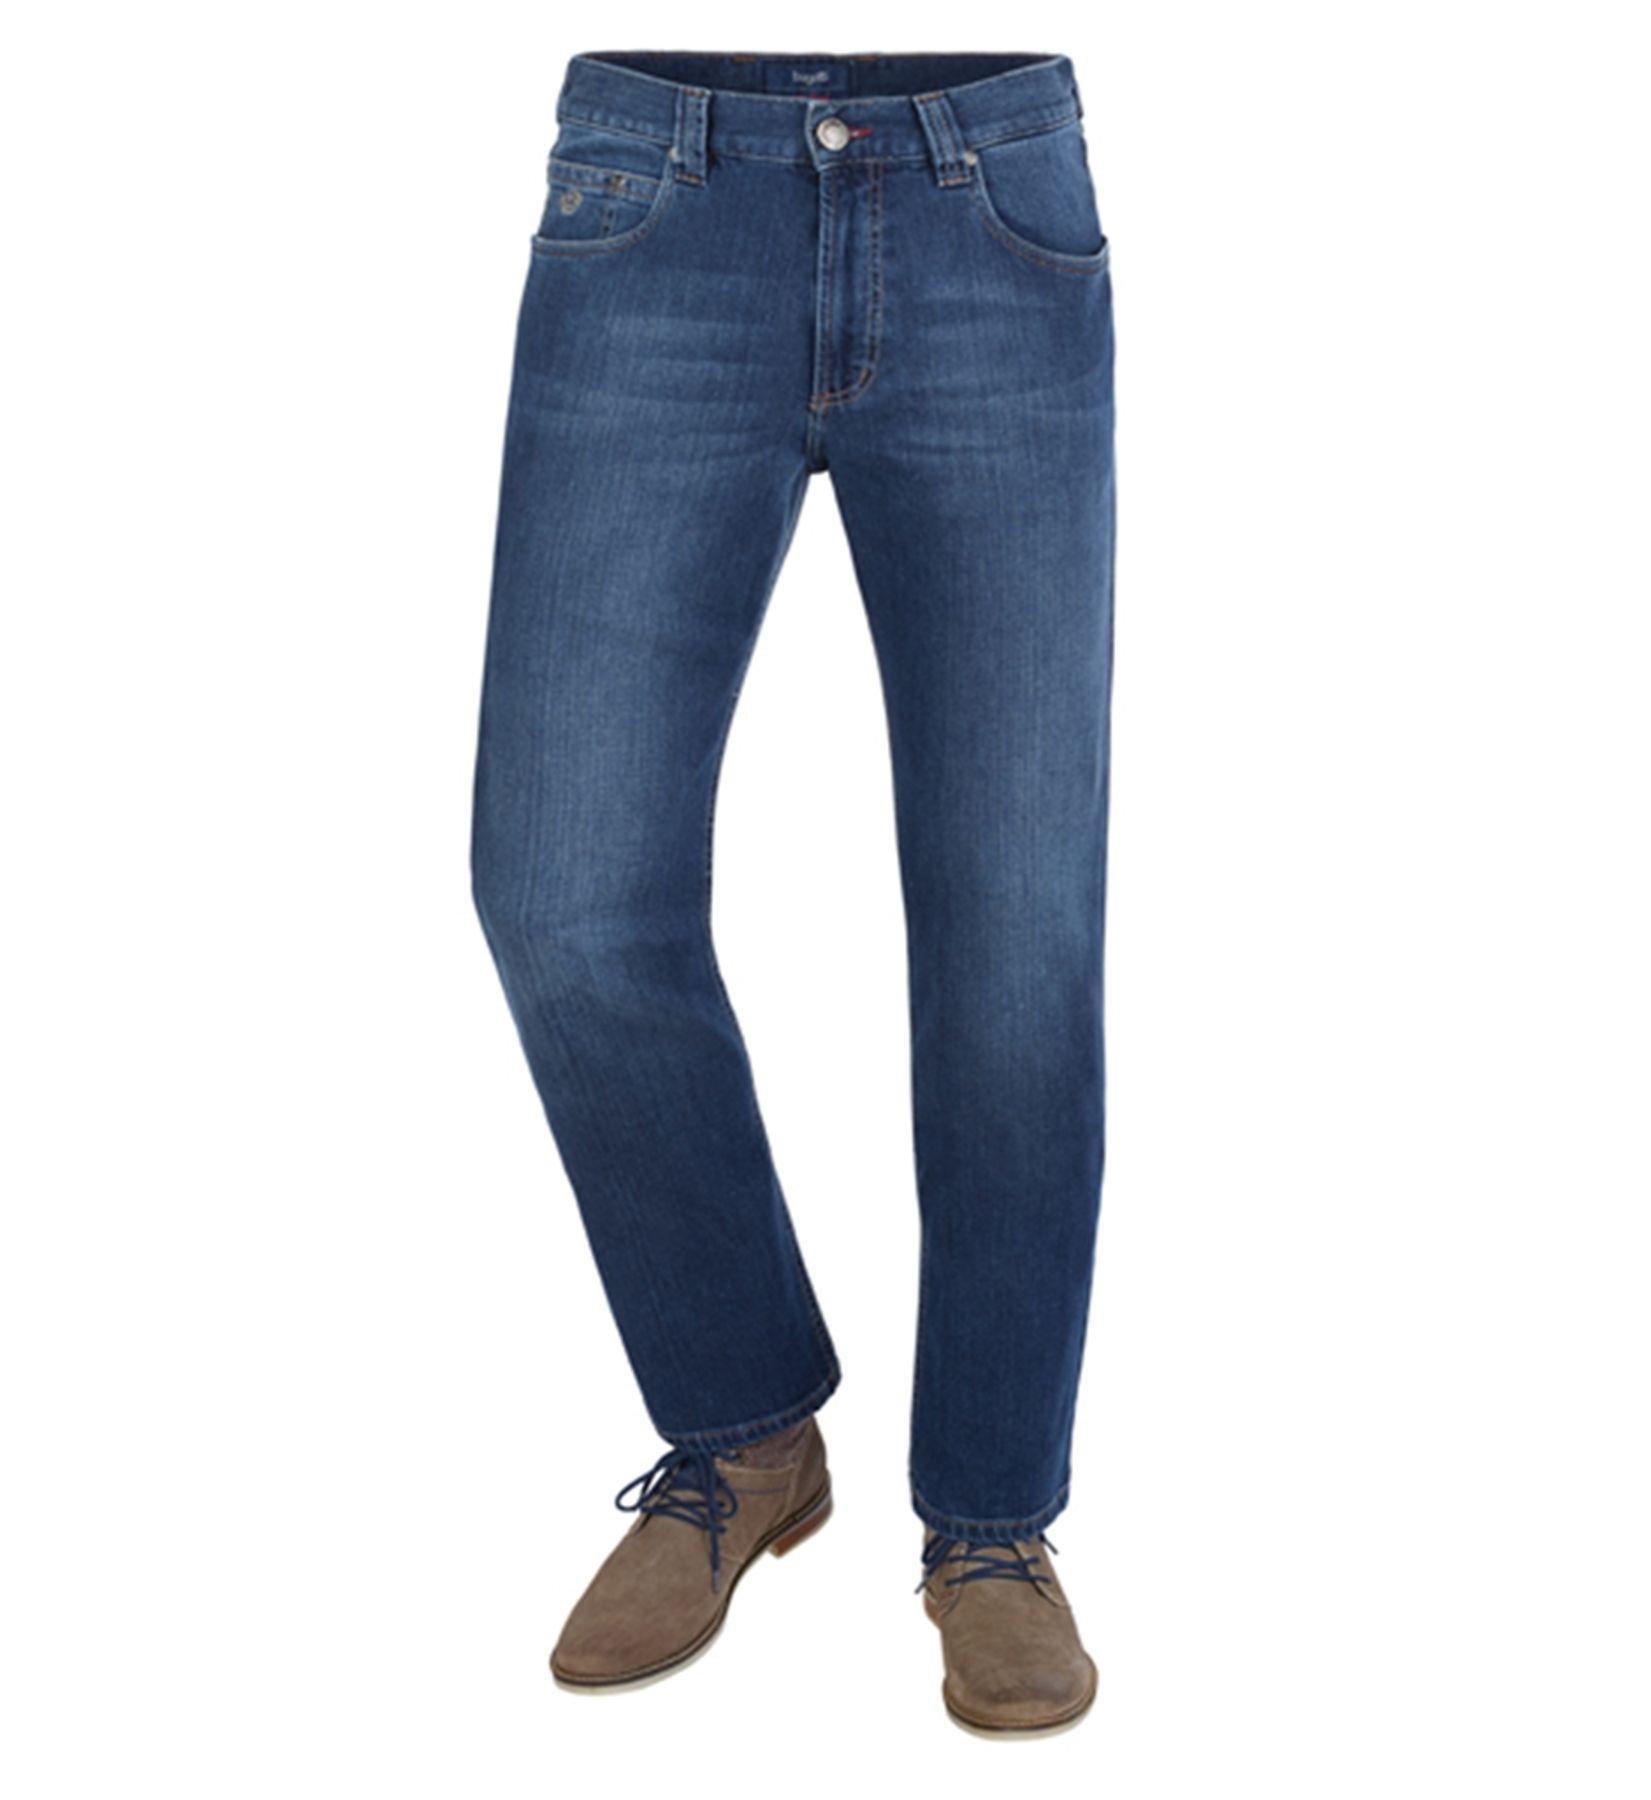 Bugatti - Herren Jeans mit 5 Taschen in verschiedenen Farben (Art. Nr.: 3280D-16640) – Bild 2